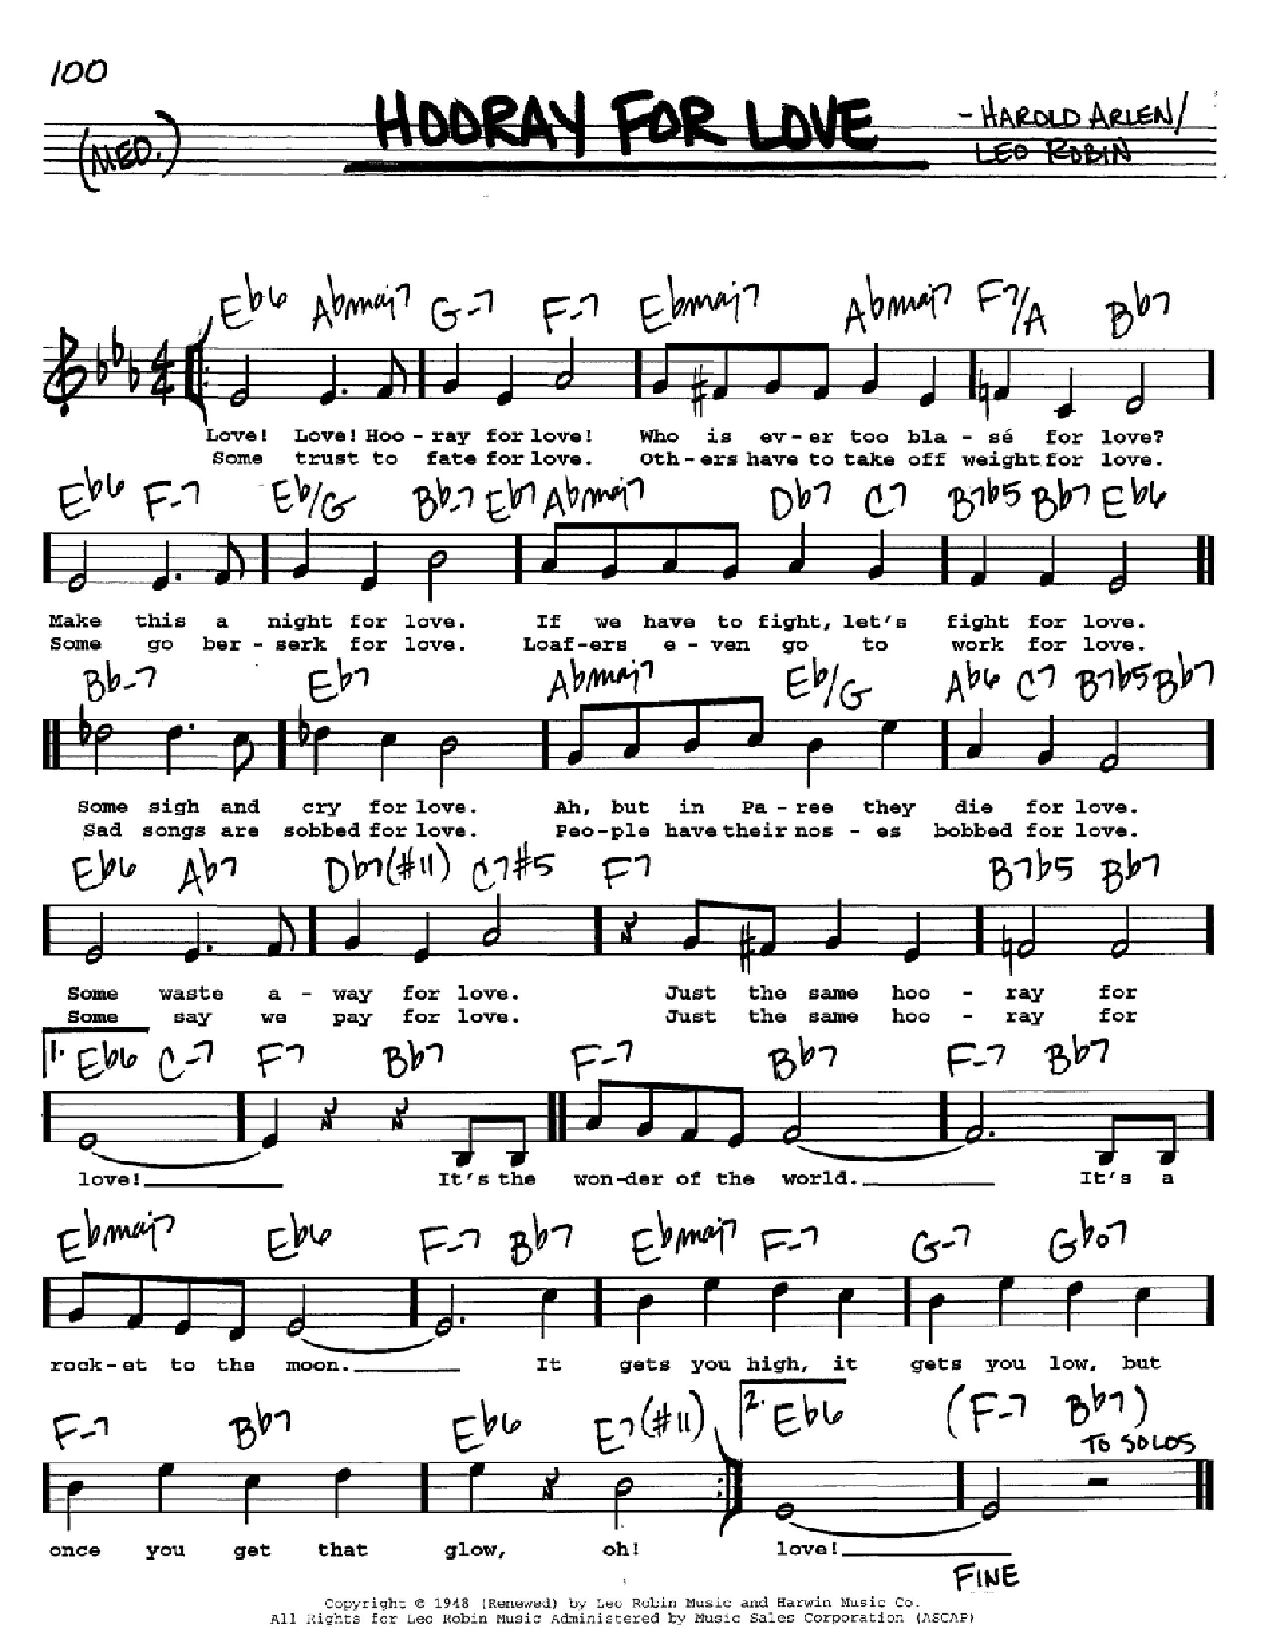 Partition autre Hooray For Love de Harold Arlen - Real Book, Melodie, Paroles et Accords, Inst. En Do